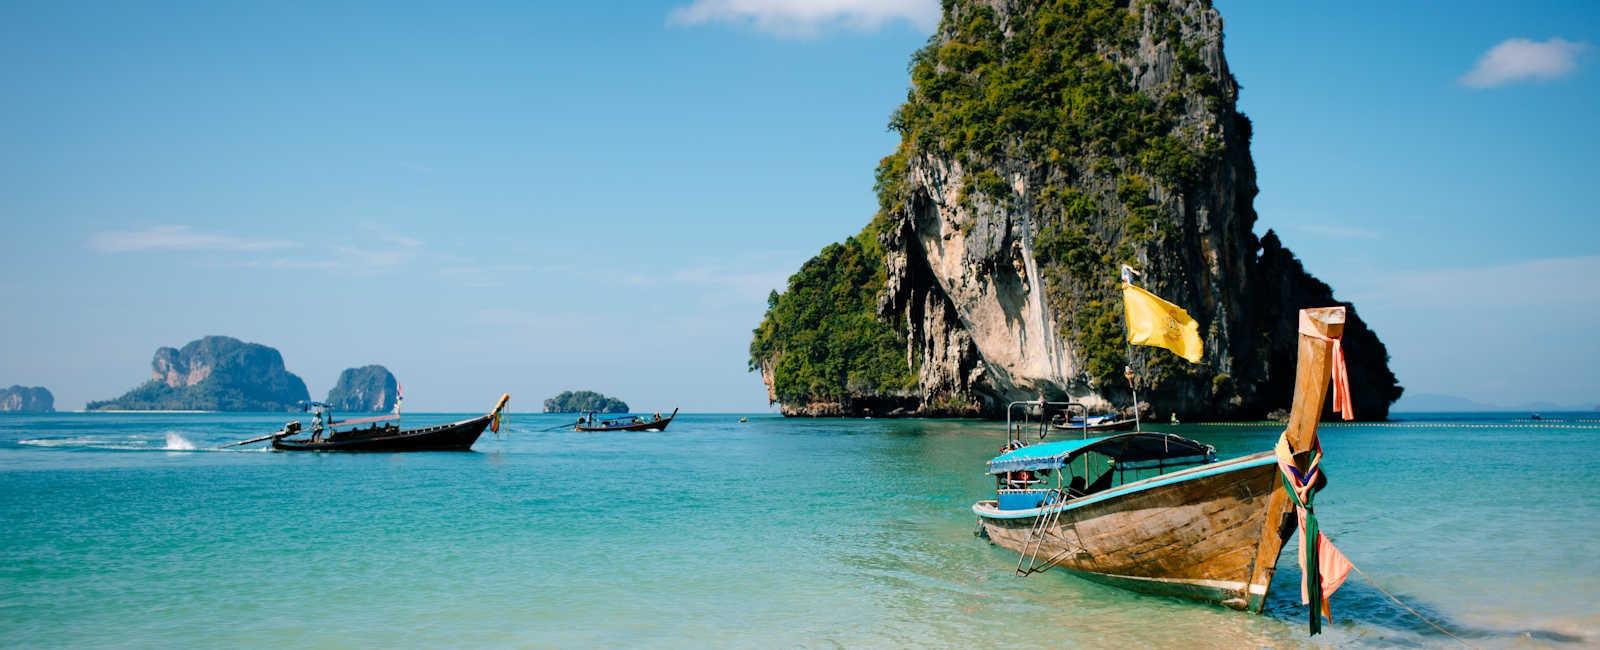 Krabi, Main image